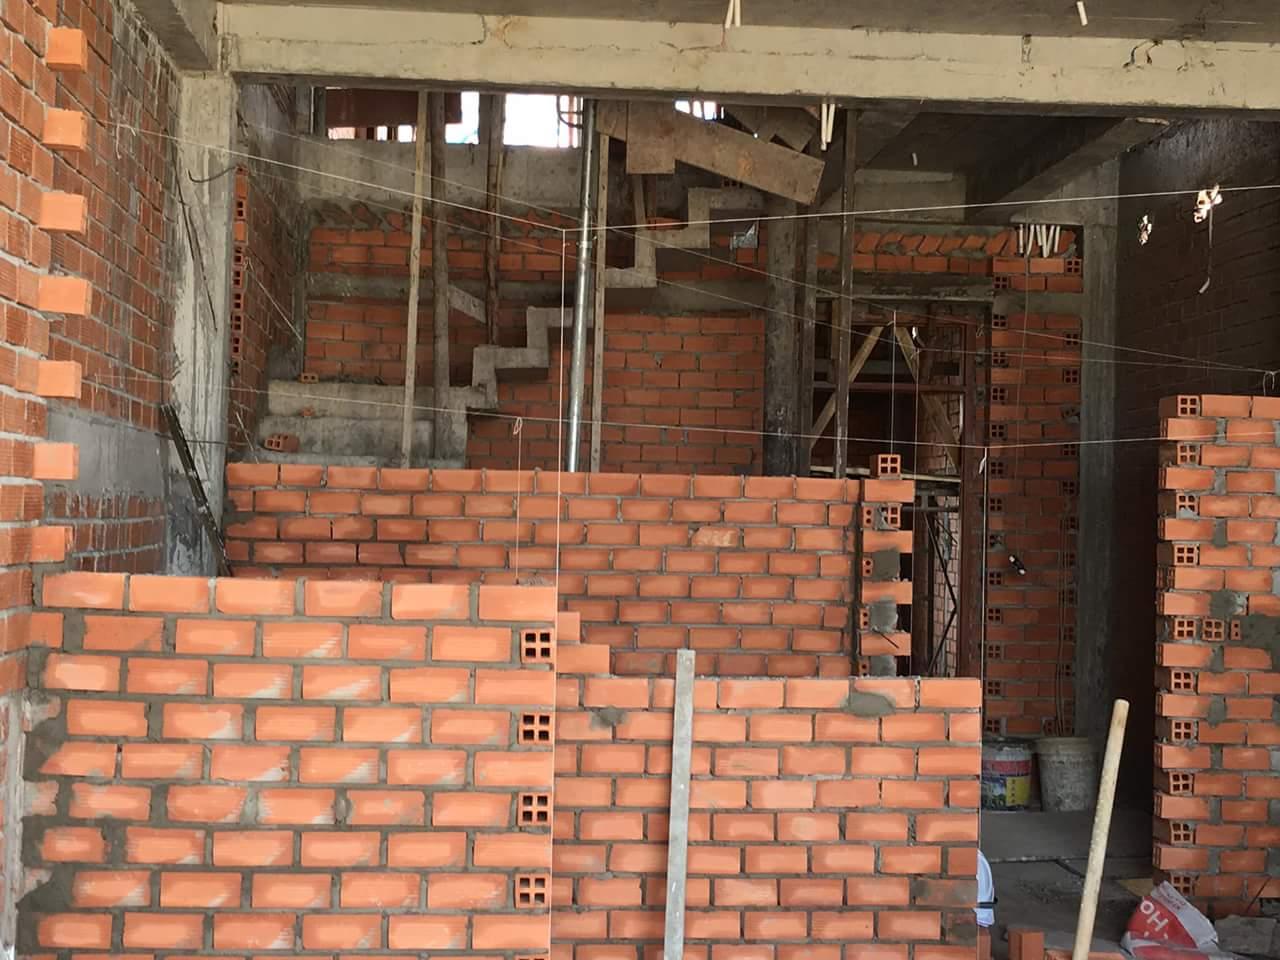 Việc nâng cấp tu bổ nhà hiện nay tại thành phố Hồ Chí Minh đang rất cấp bách